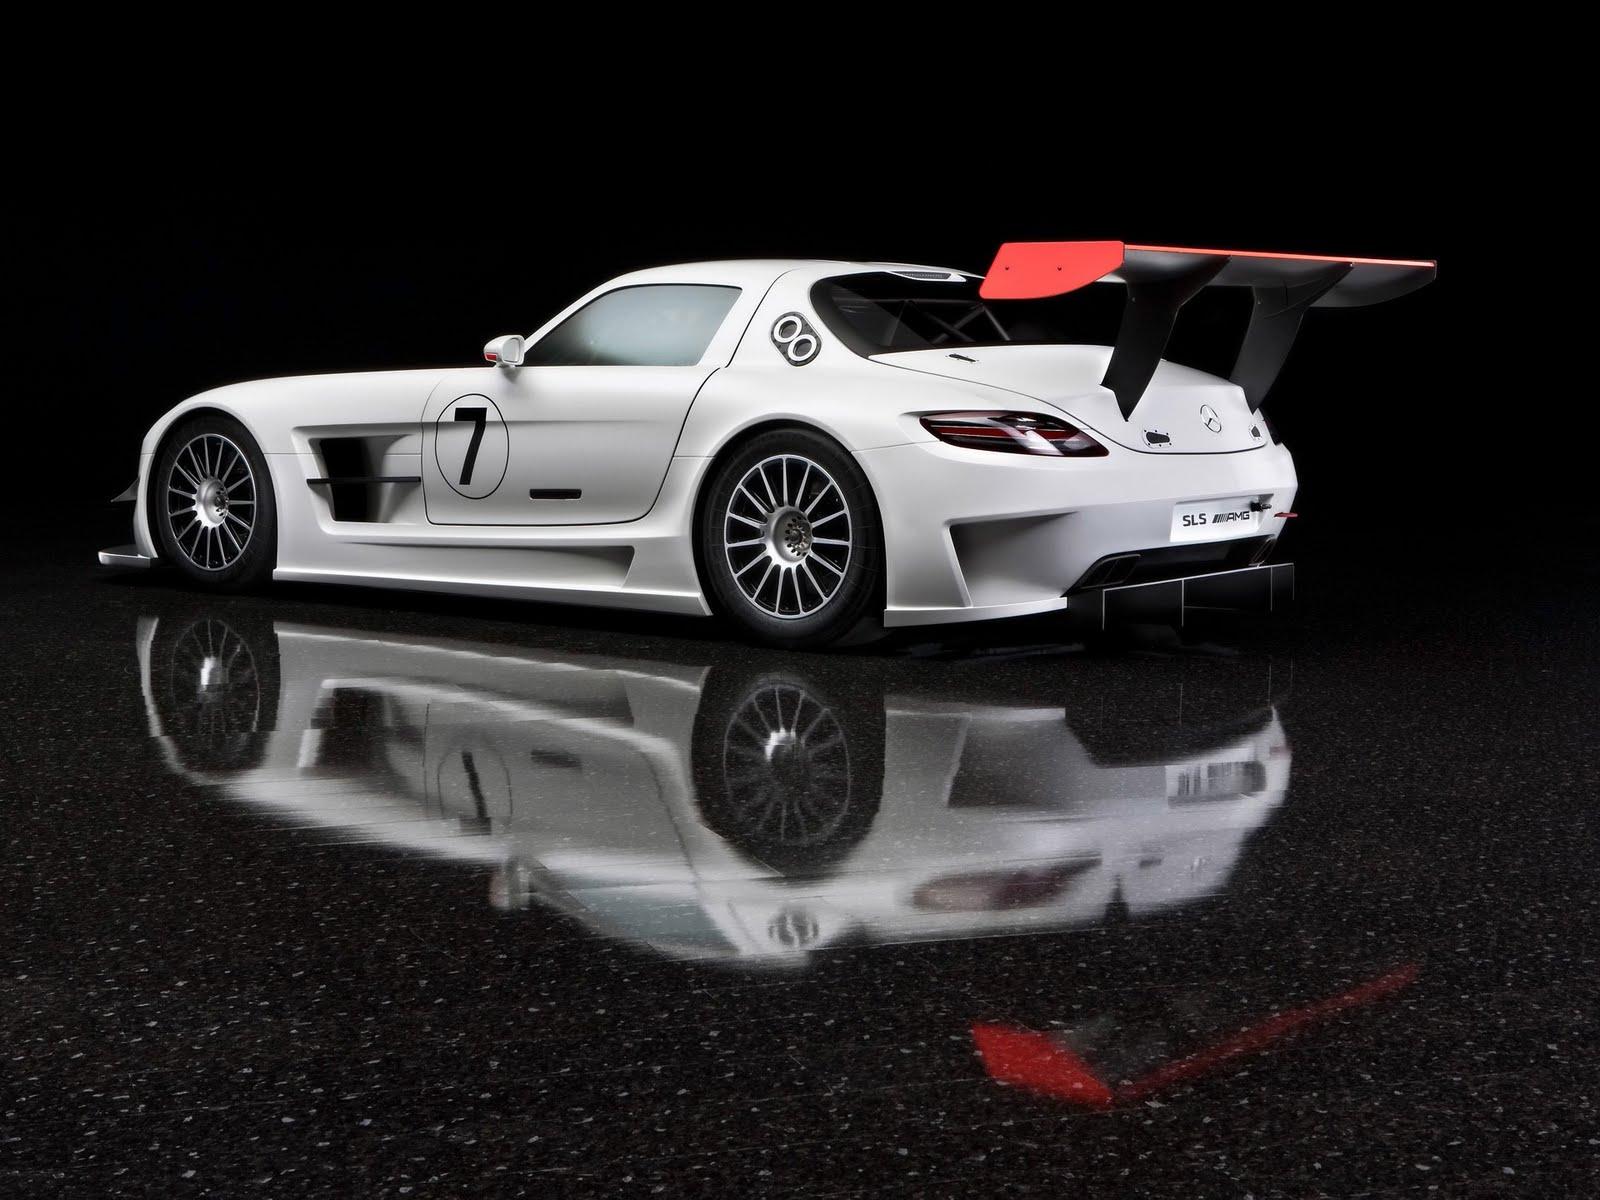 http://3.bp.blogspot.com/-rhQmNUVZwRk/To7boCHa7hI/AAAAAAAAAn8/-xstT8BAh7Q/s1600/%25255Bdibosdownload-blogspot-com%25255D_Mercedes-Benz_SLS_AMG_GT3_1920%252Bx%252B1440.jpg